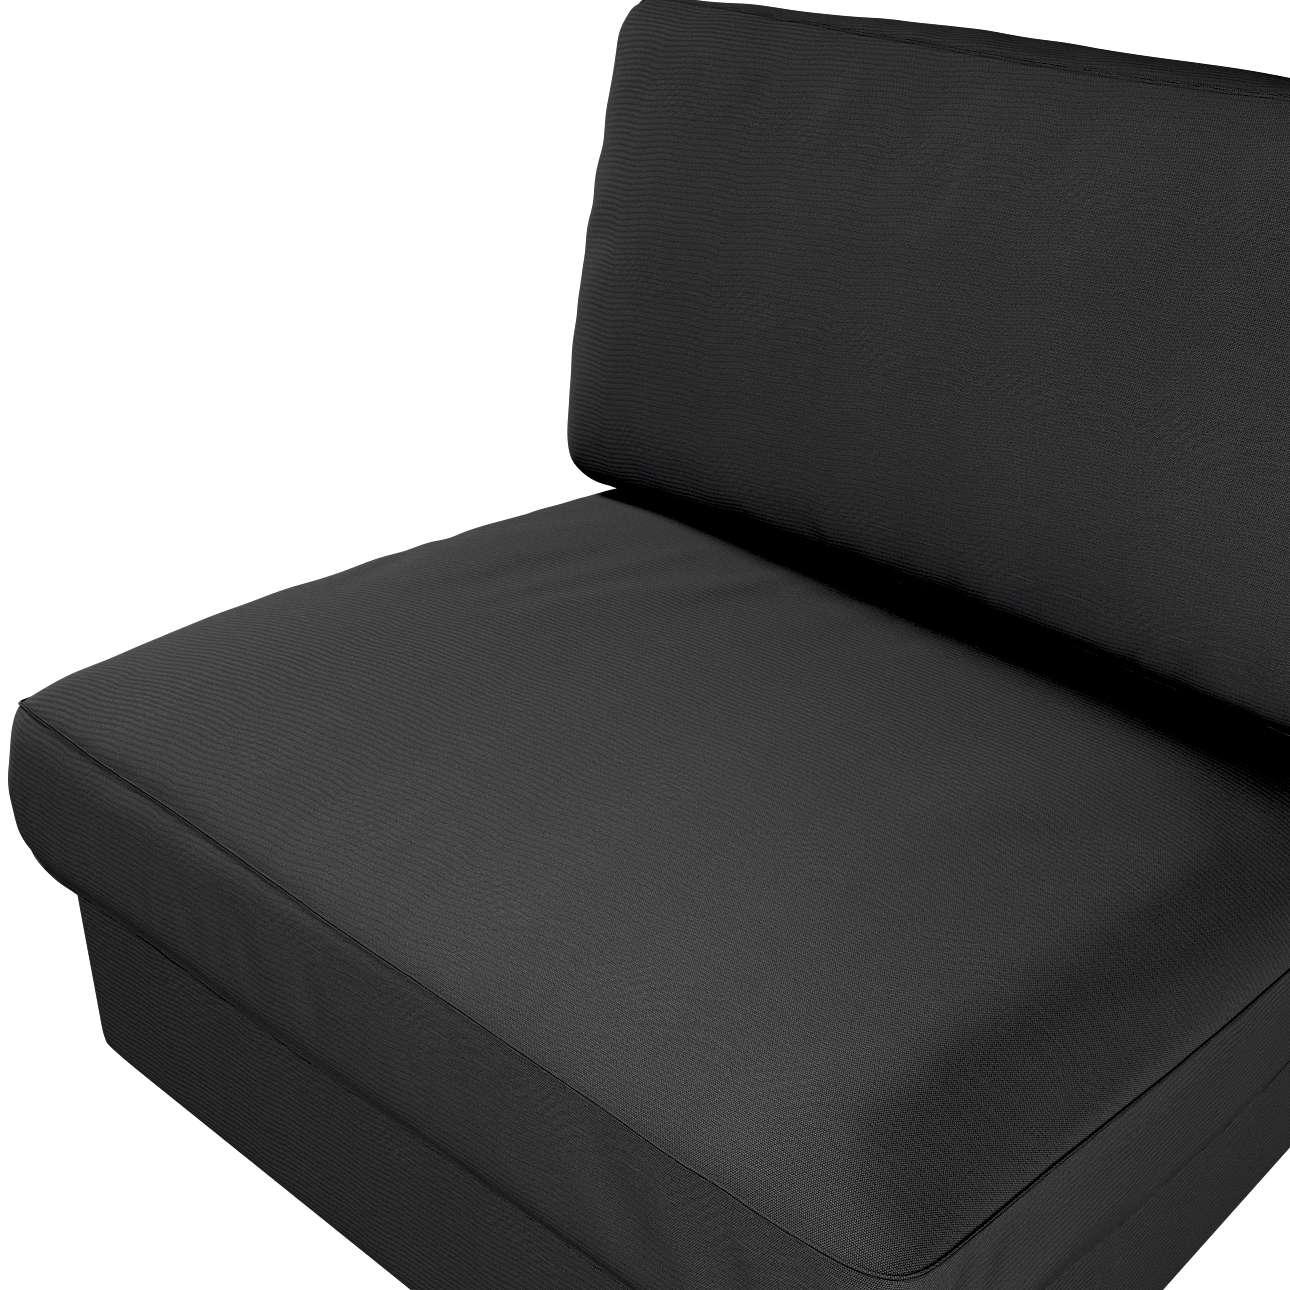 KIVIK fotelio/vienvietės dalies užvalkalas kolekcijoje Etna, audinys: 705-00